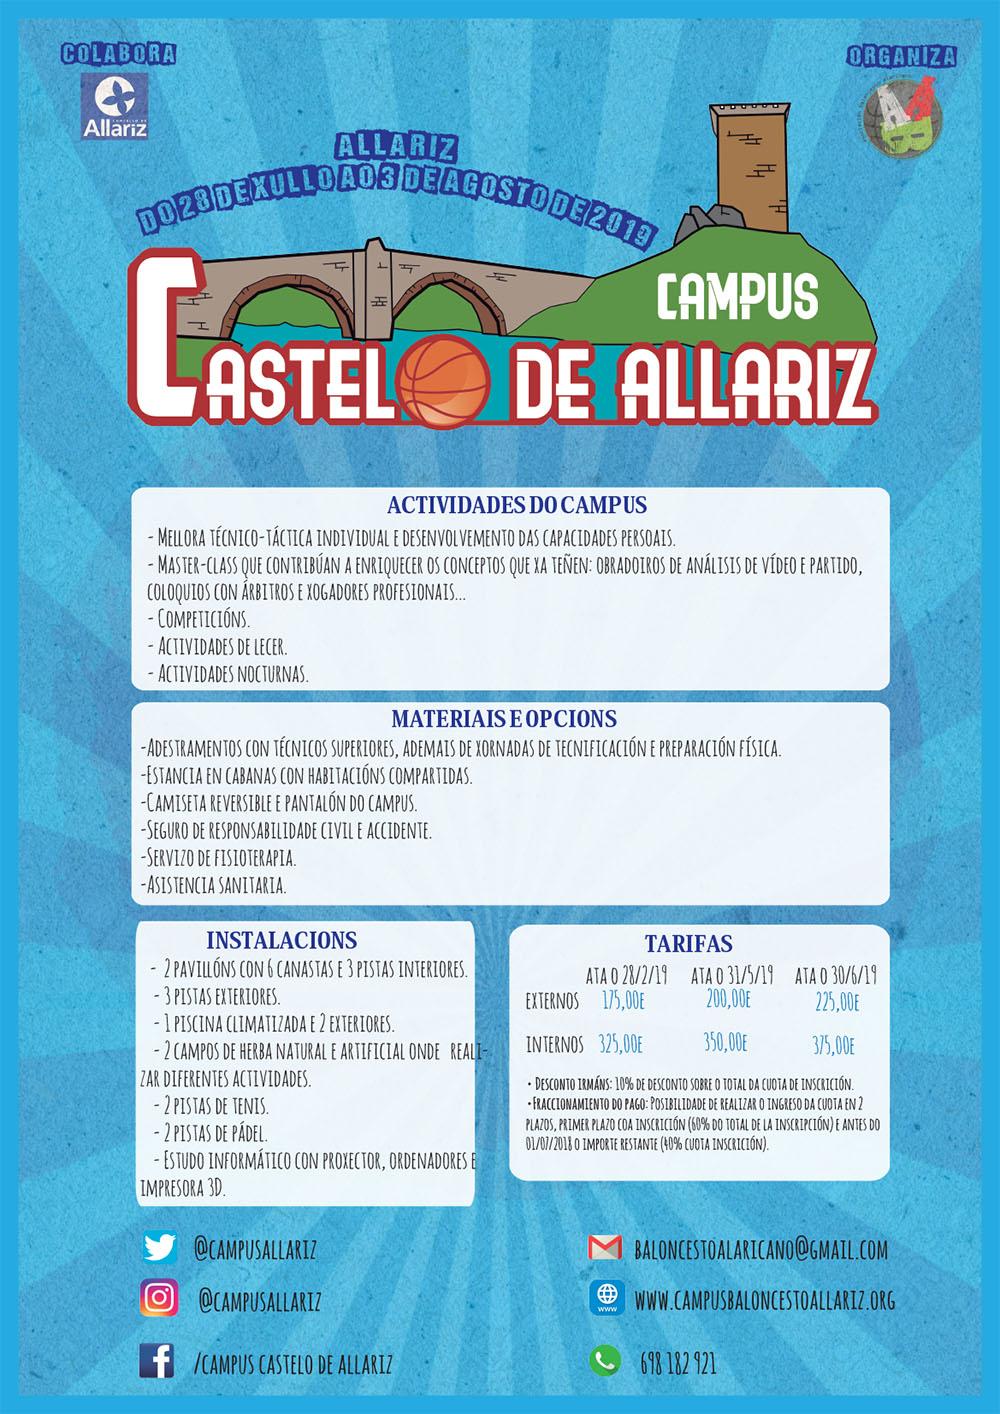 Cartel Campus Baloncerto Información detallada